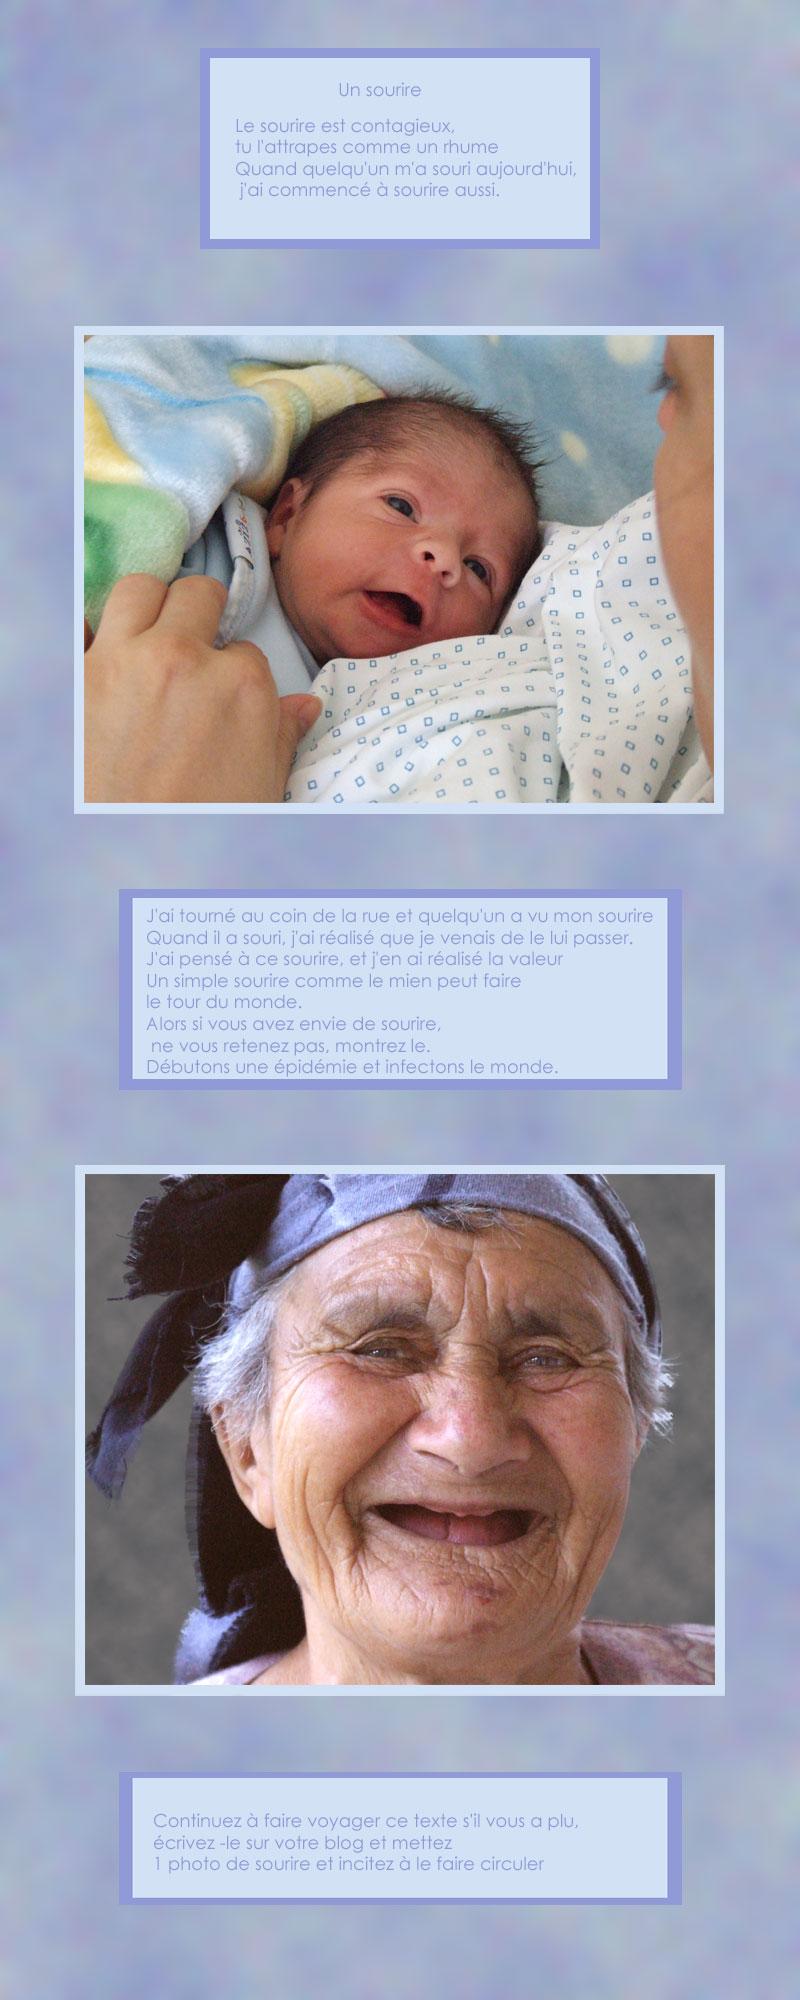 sourires édentés d' un nouveau-né et d' une vieille paysanne